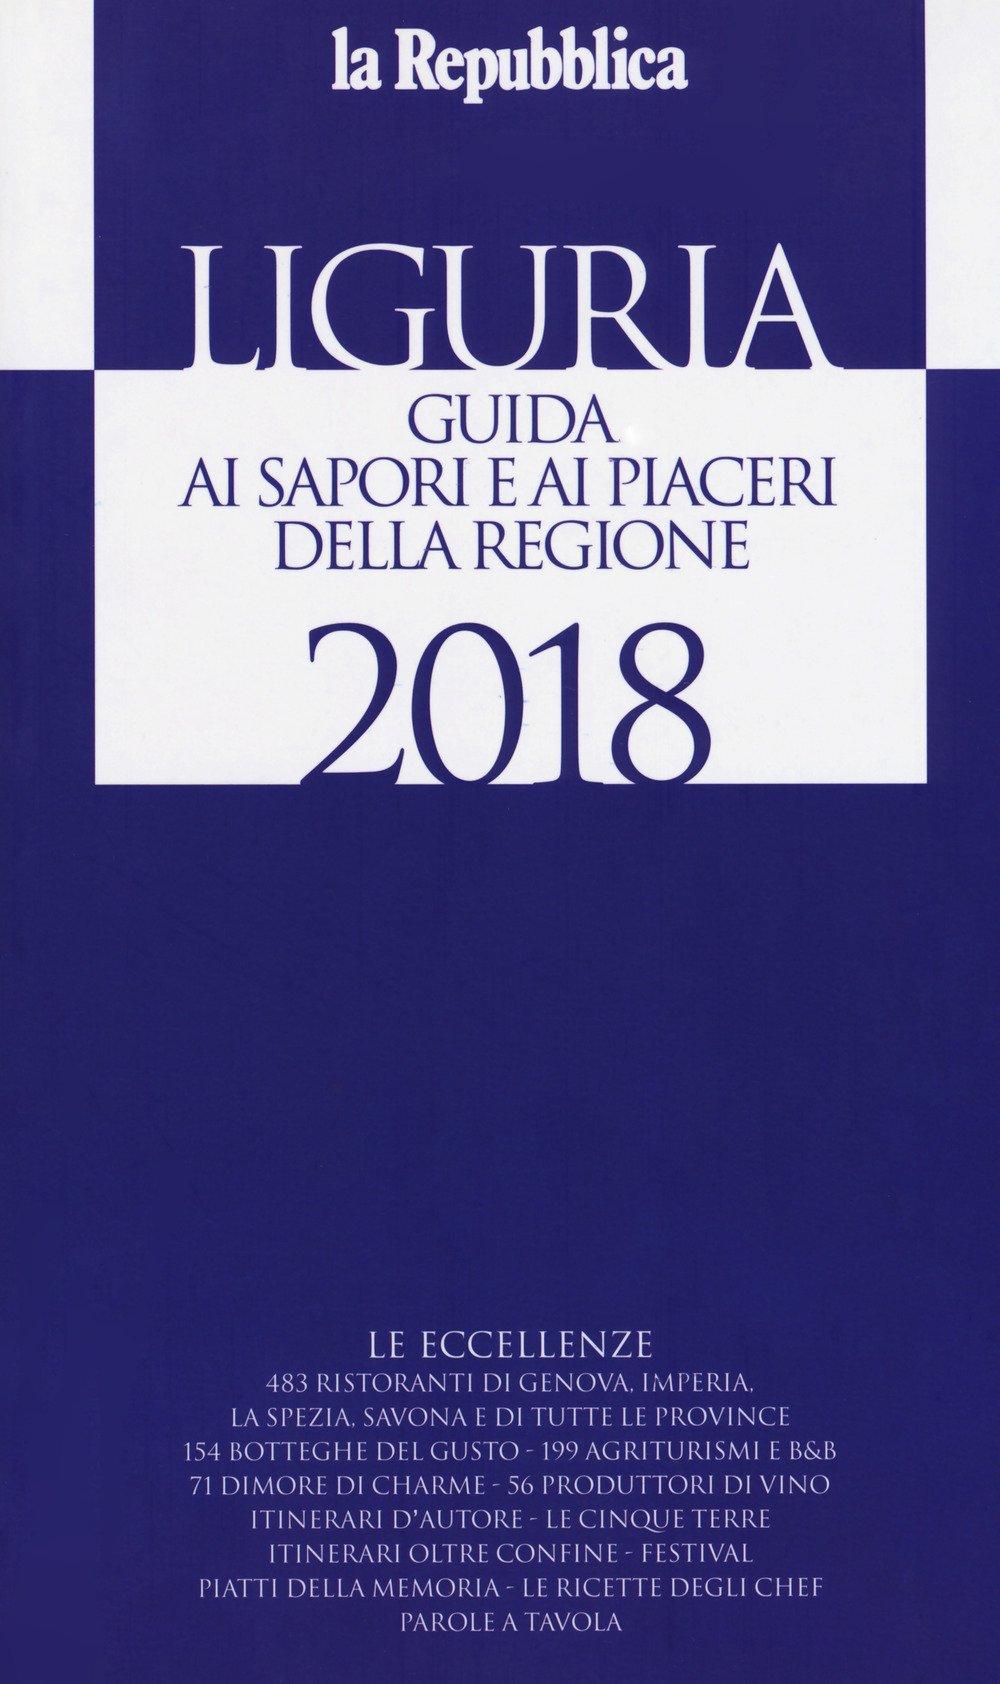 Liguria. Guida ai sapori e ai piaceri della regione 2017-2018